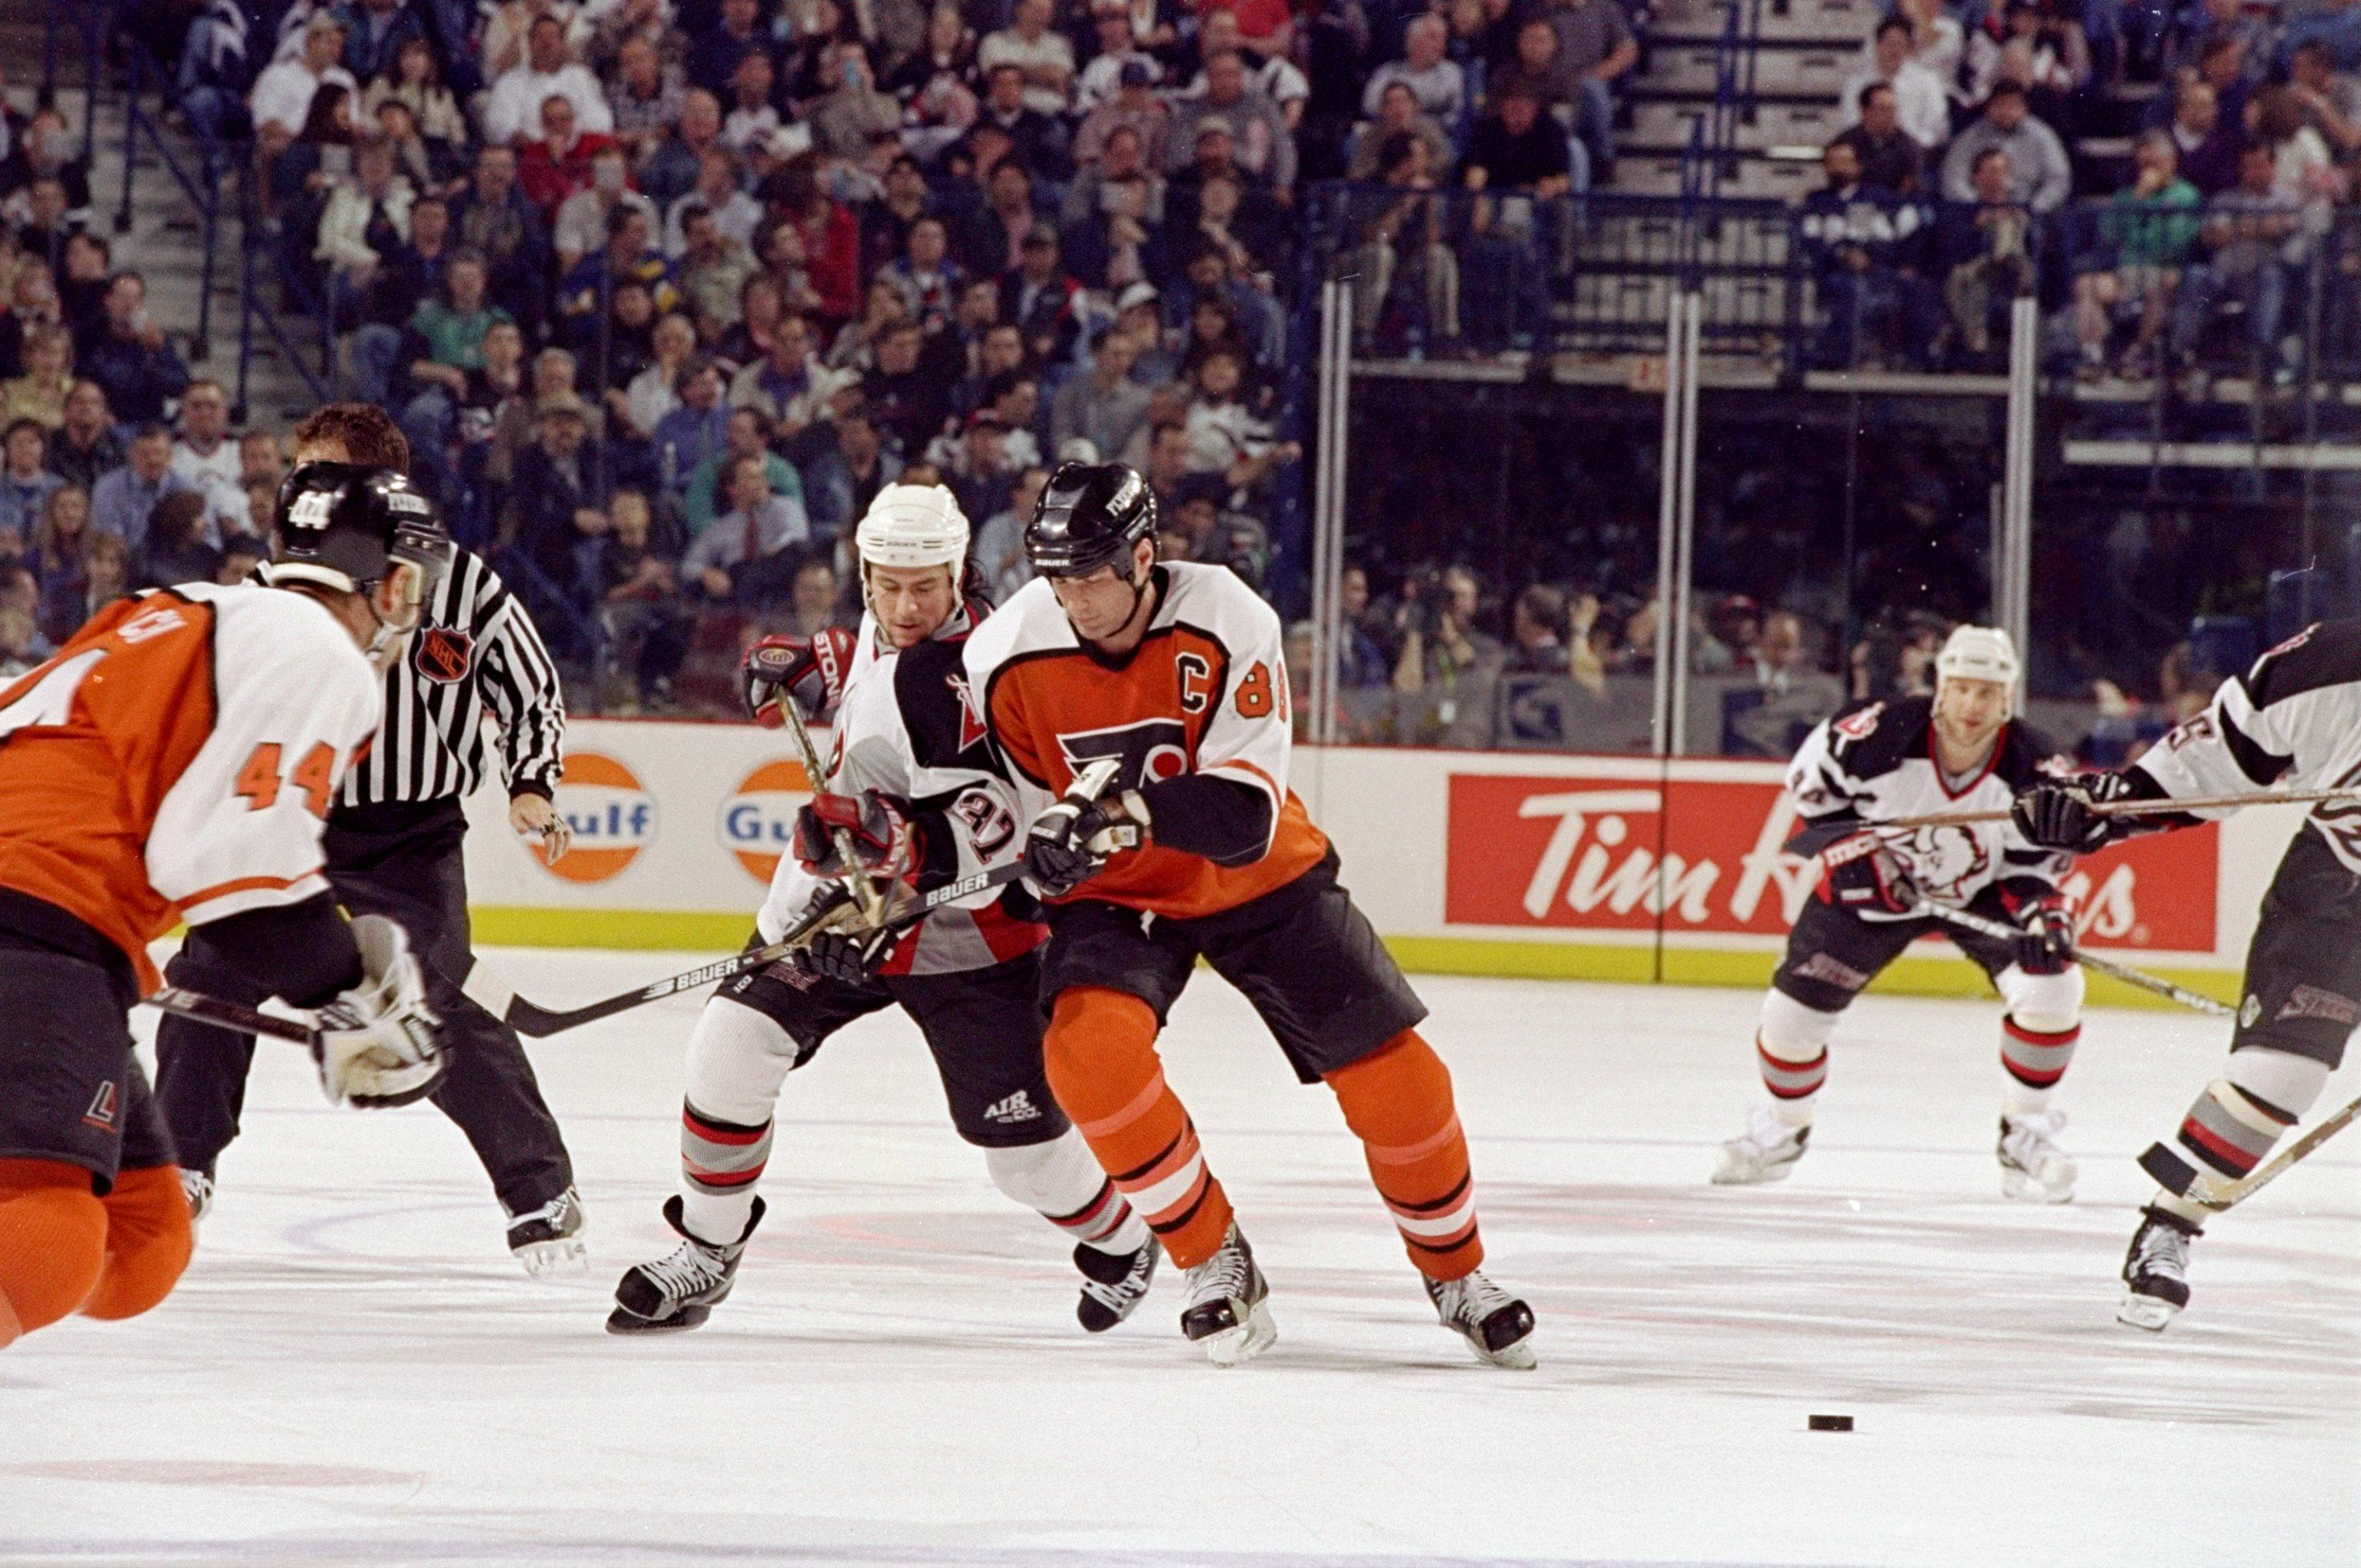 Eishockey Pin NHL Weitere Wintersportarten DEL Torhüter Philladelphia Flyers Eishockey